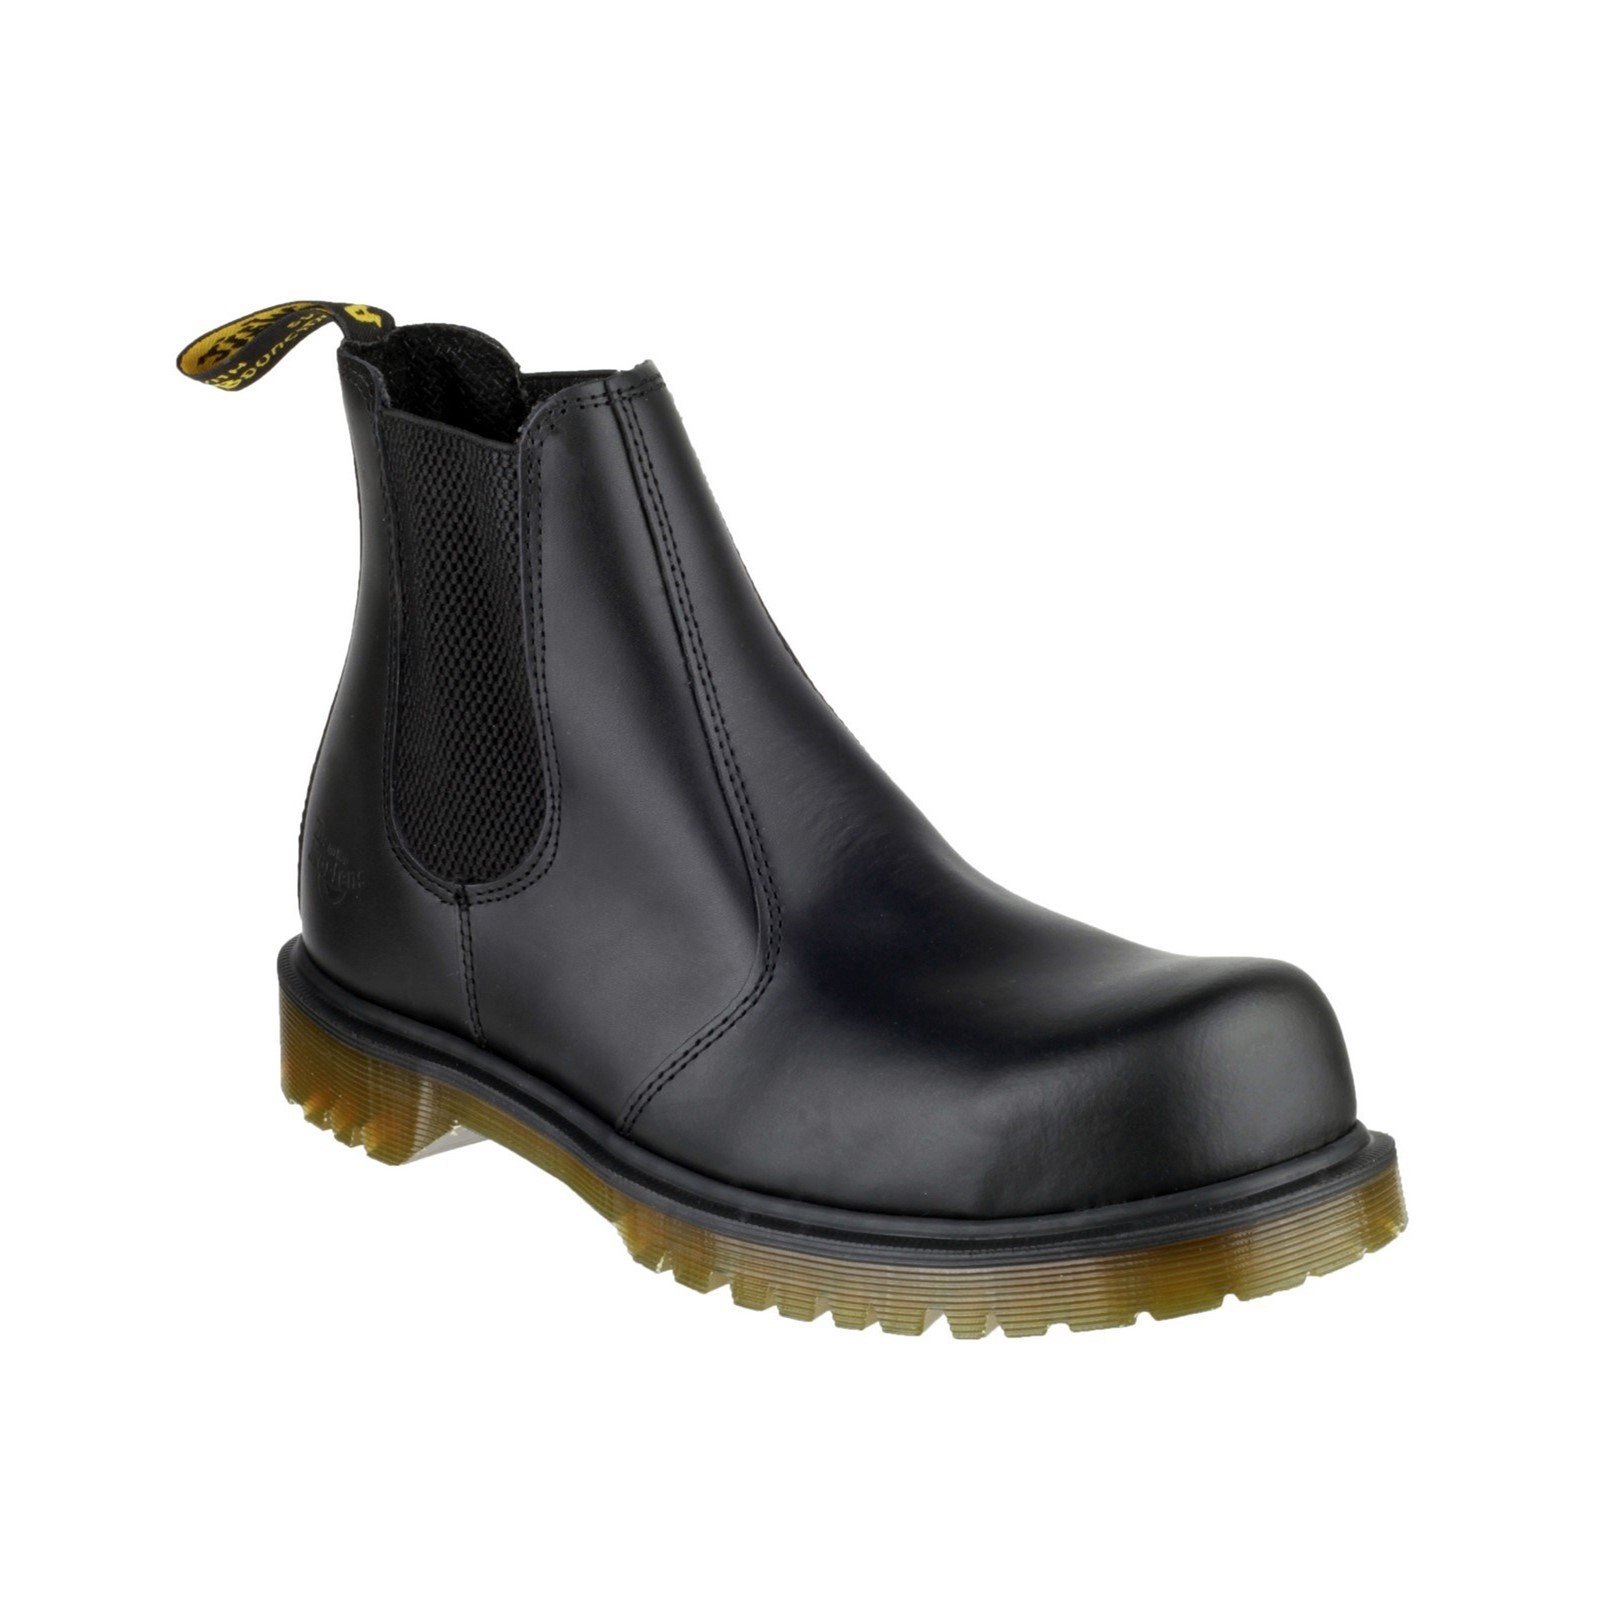 Dr Martens Unisex Dealer Boot Black 00496 - Black 9